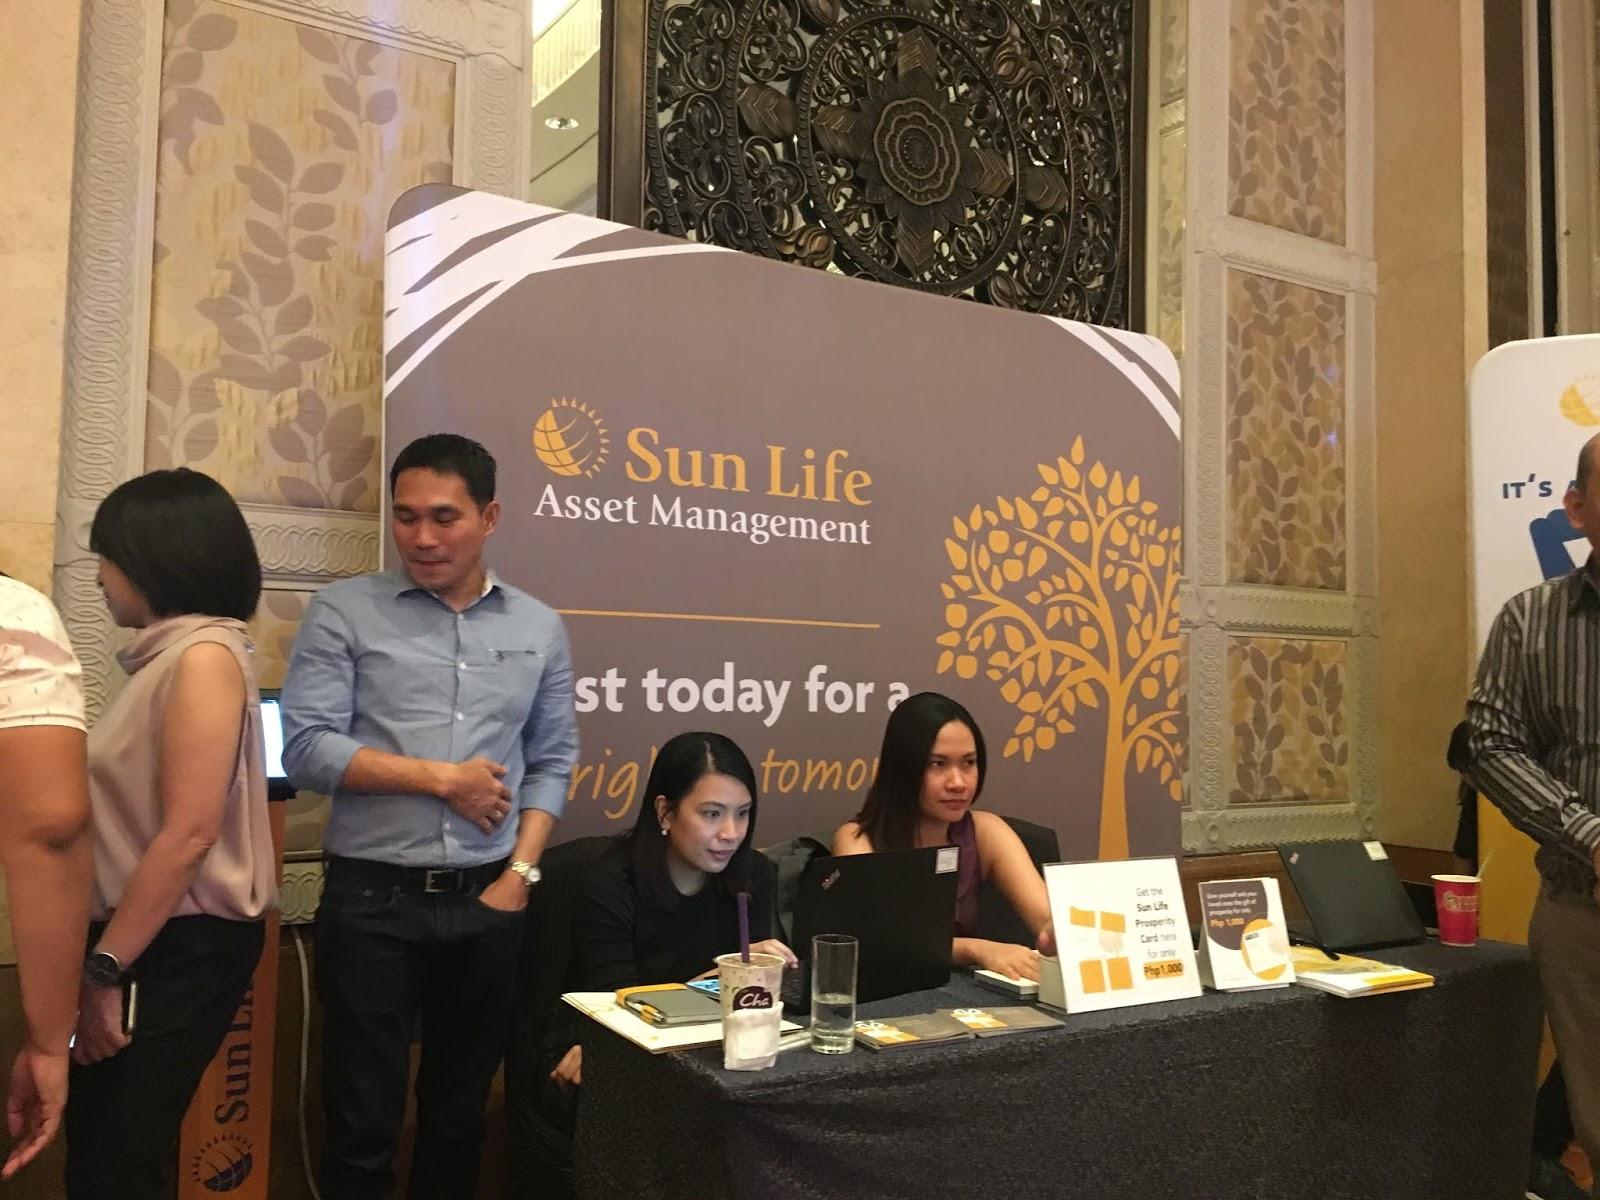 sun life asset management